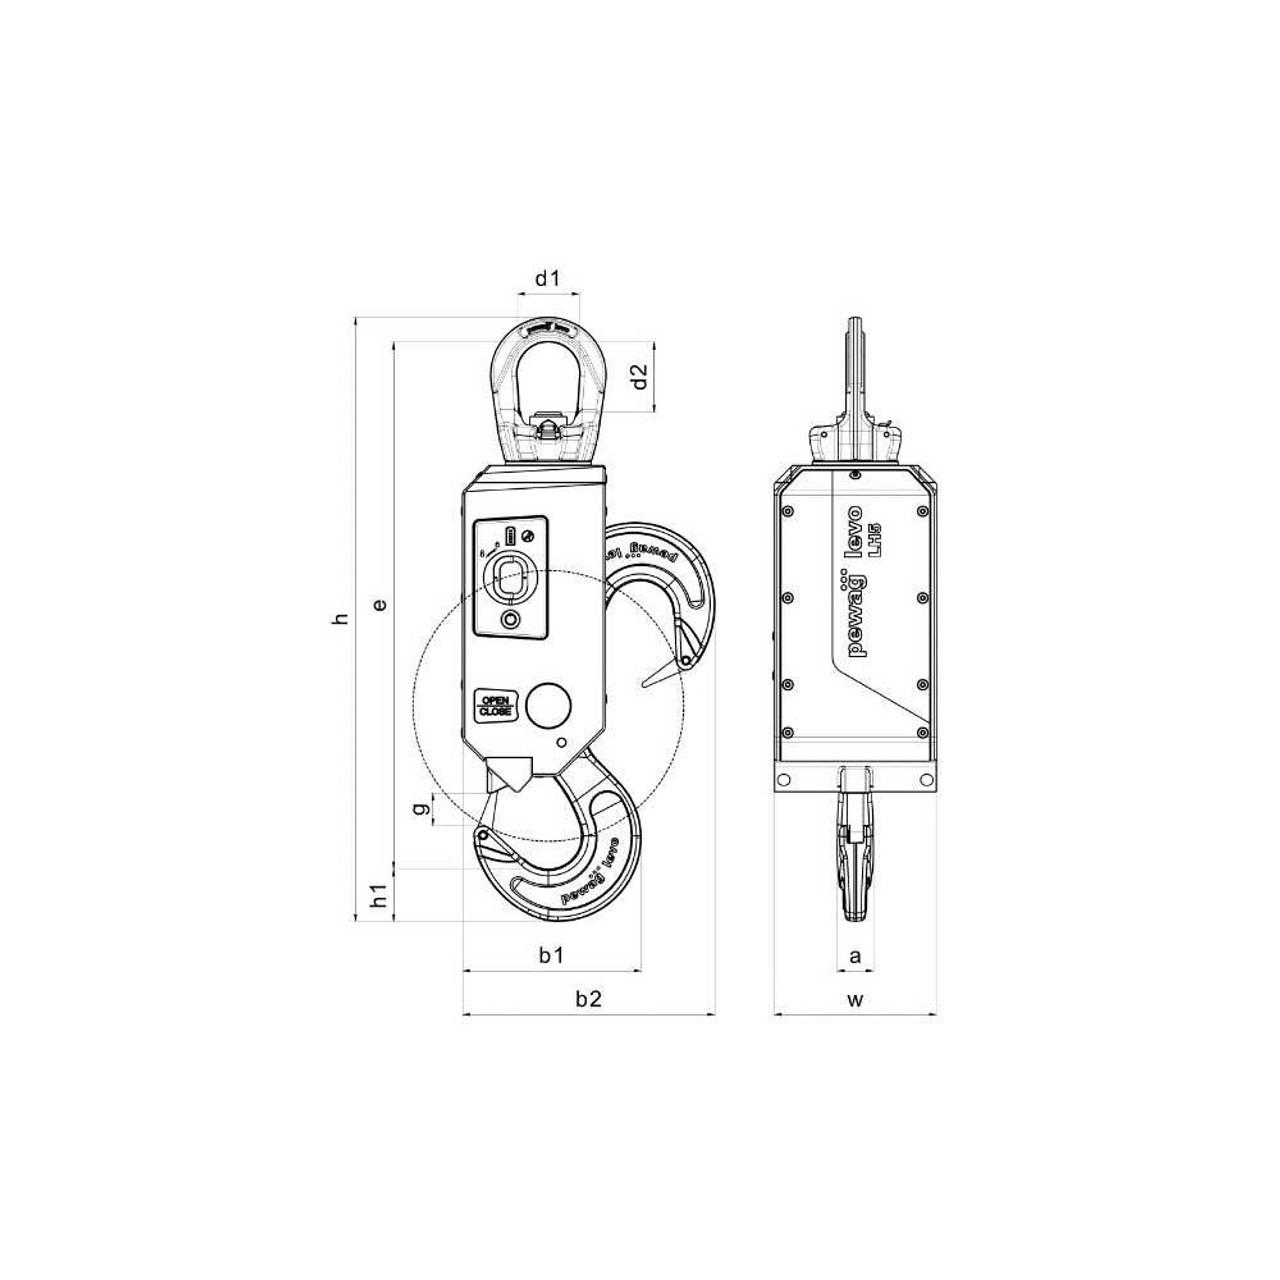 pewag levo hook LH5 5t + Magnet & Light Module (DE) on